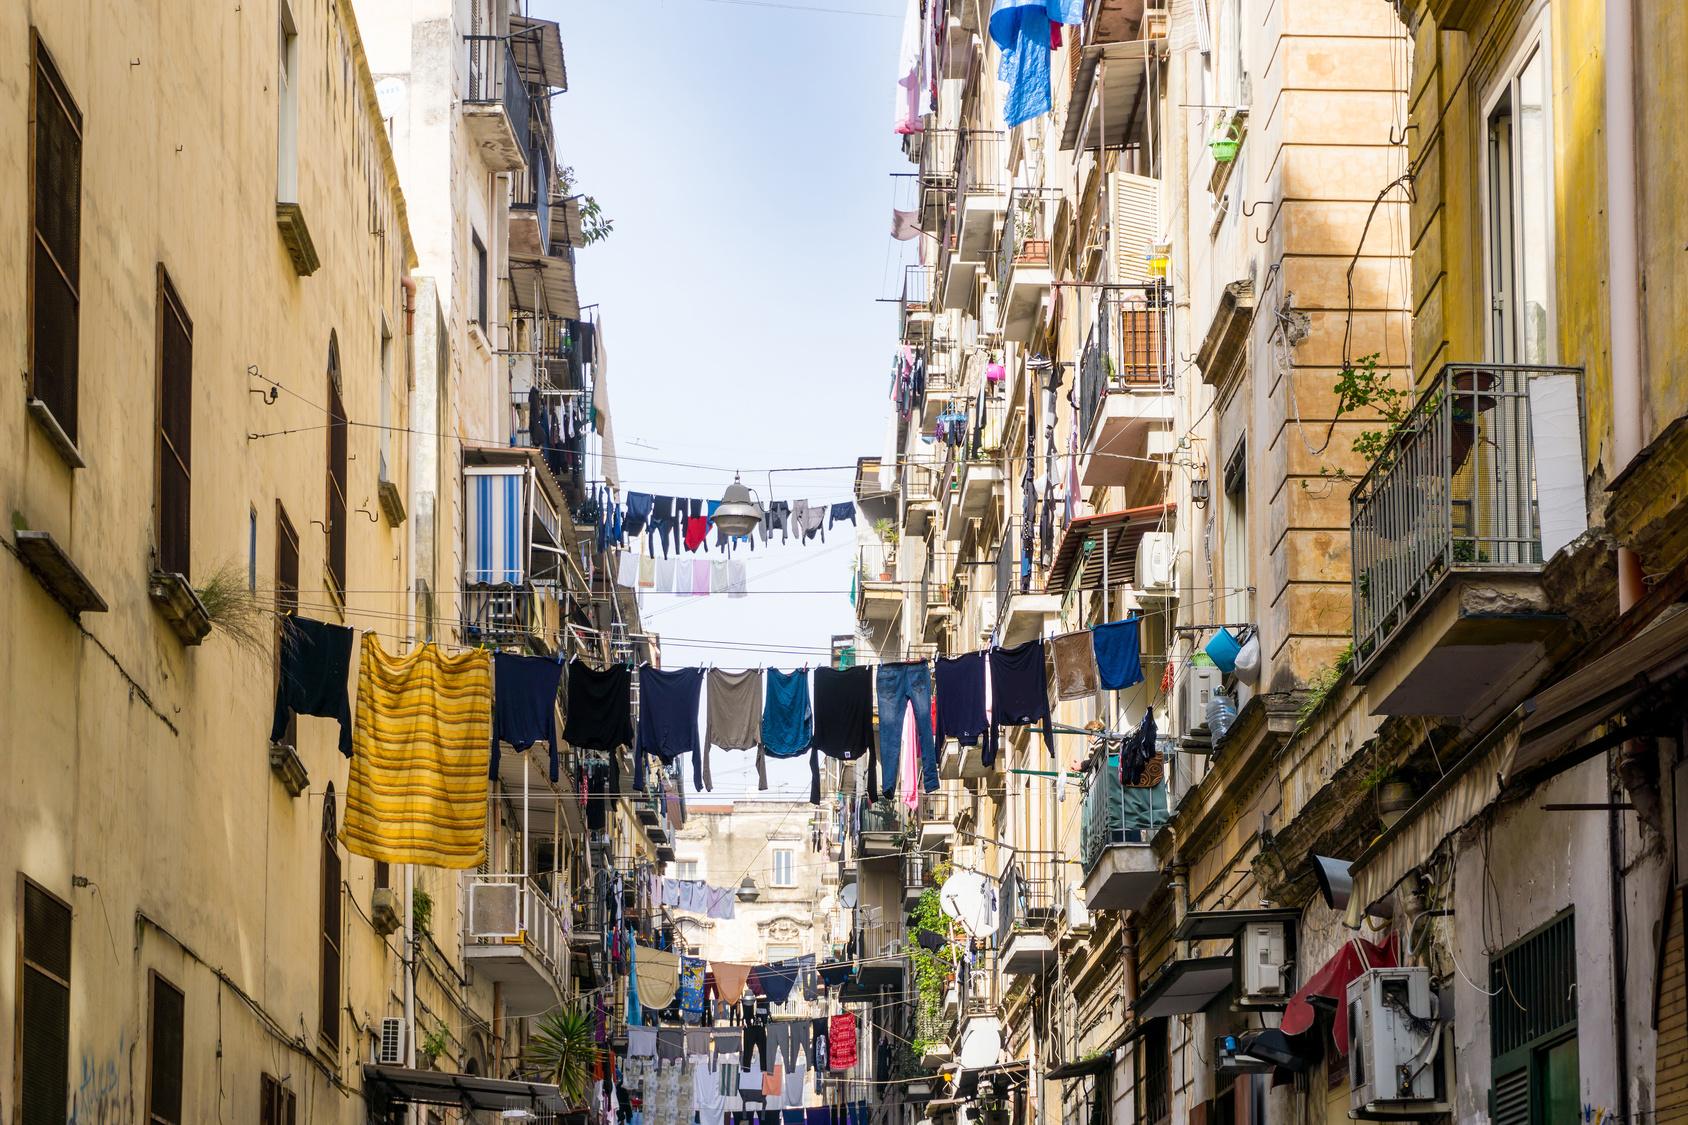 Neapol, Włochy, zwiedzanie, podróże, turystyka, ulica, wymiana walut, Ekantor.pl